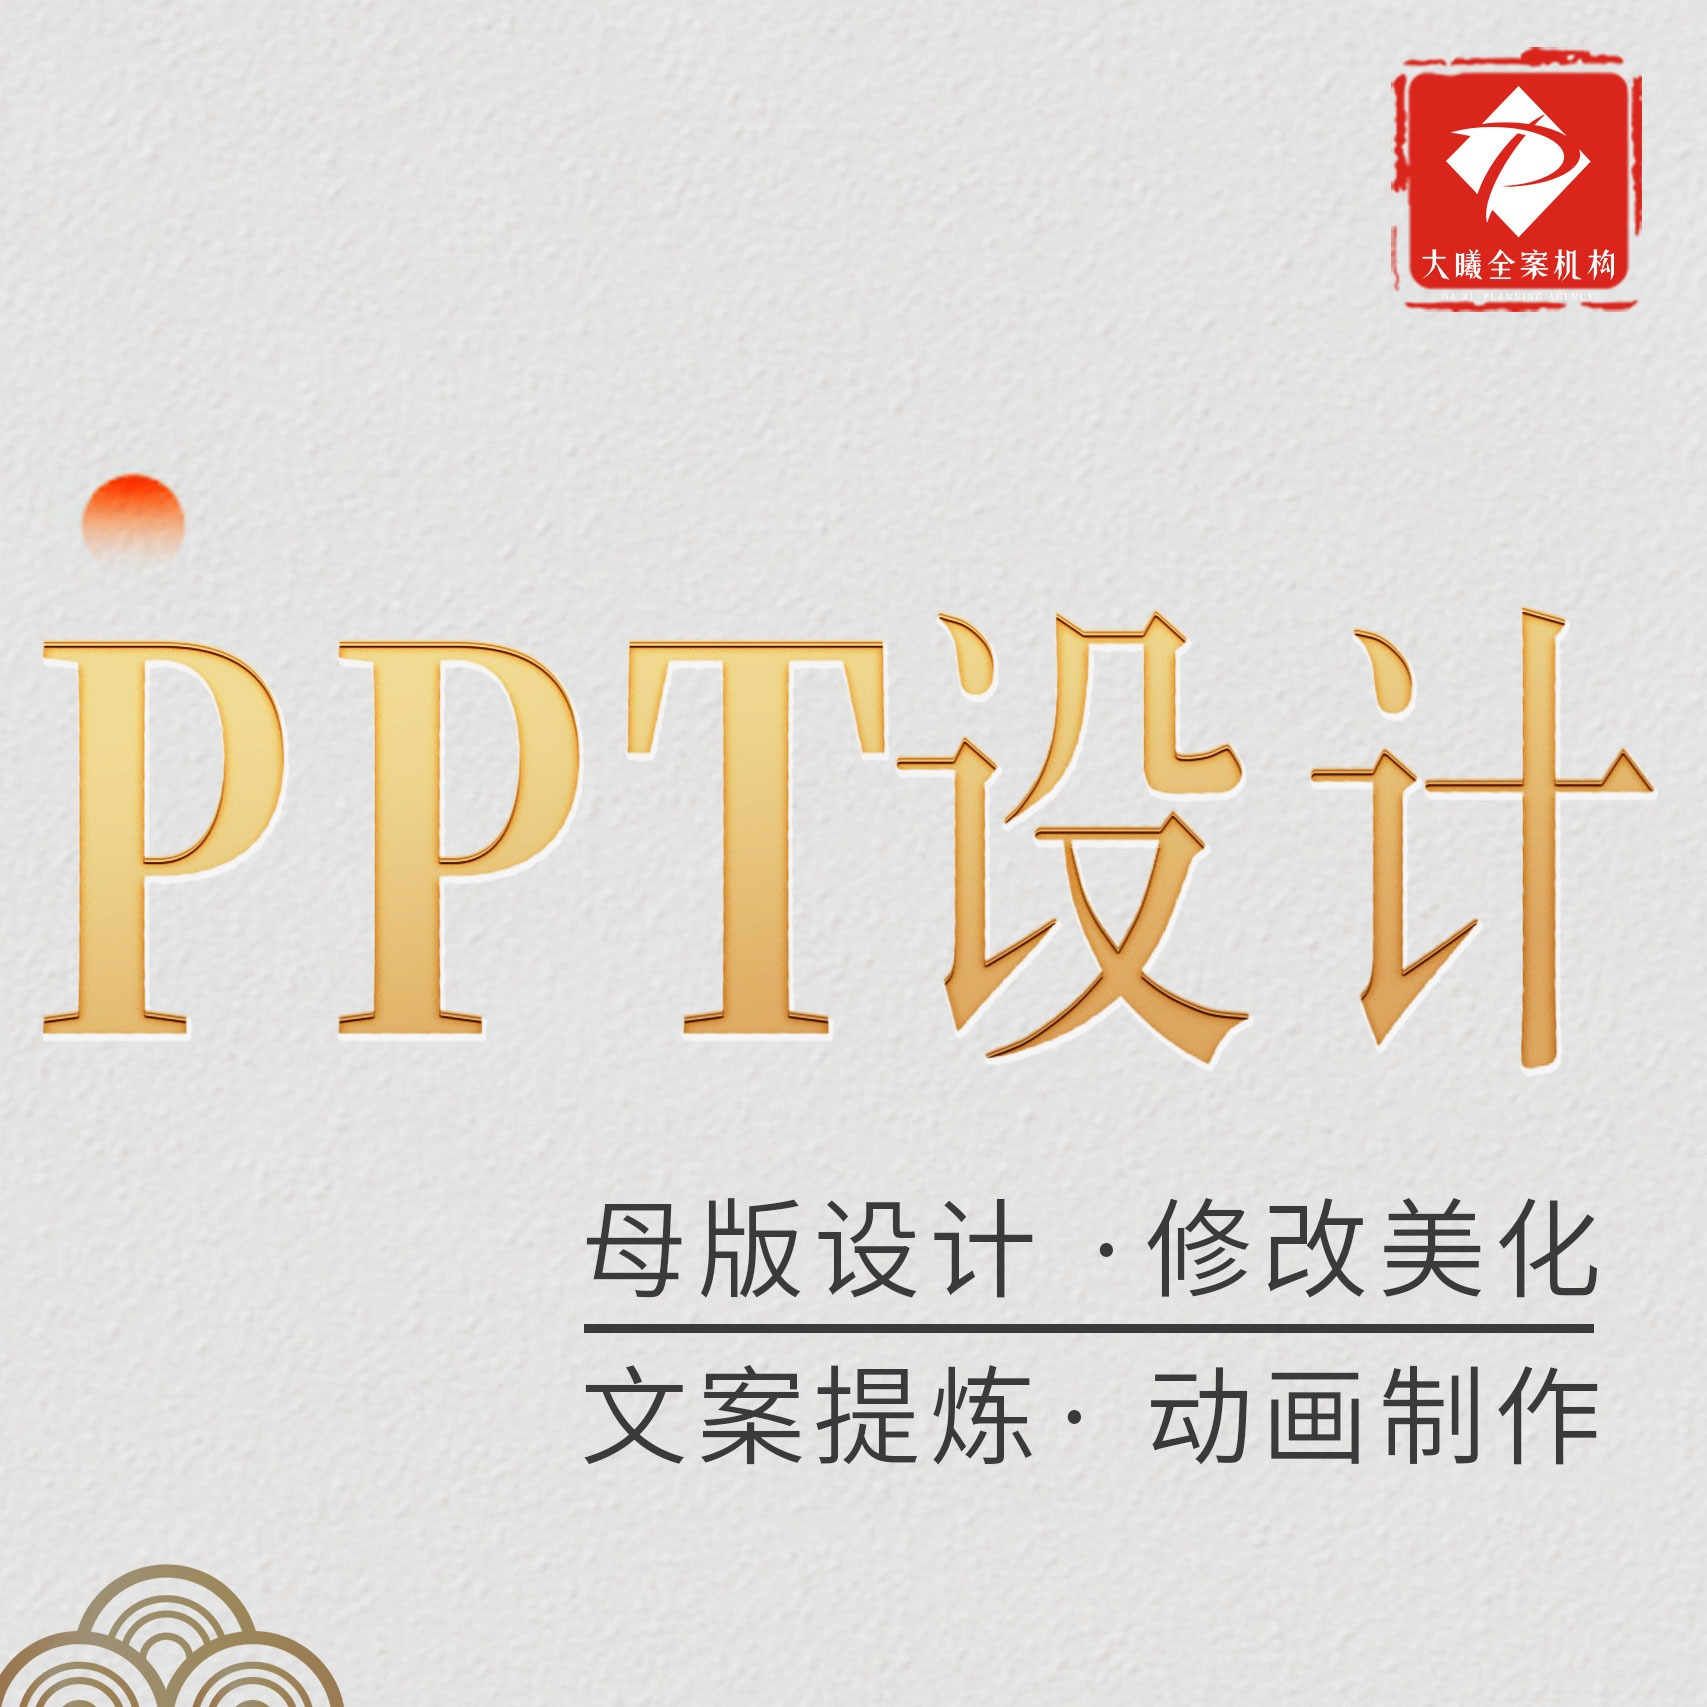 PPT模板母版 商业 融资计划书招商演示汇报政府演讲融资美化设计